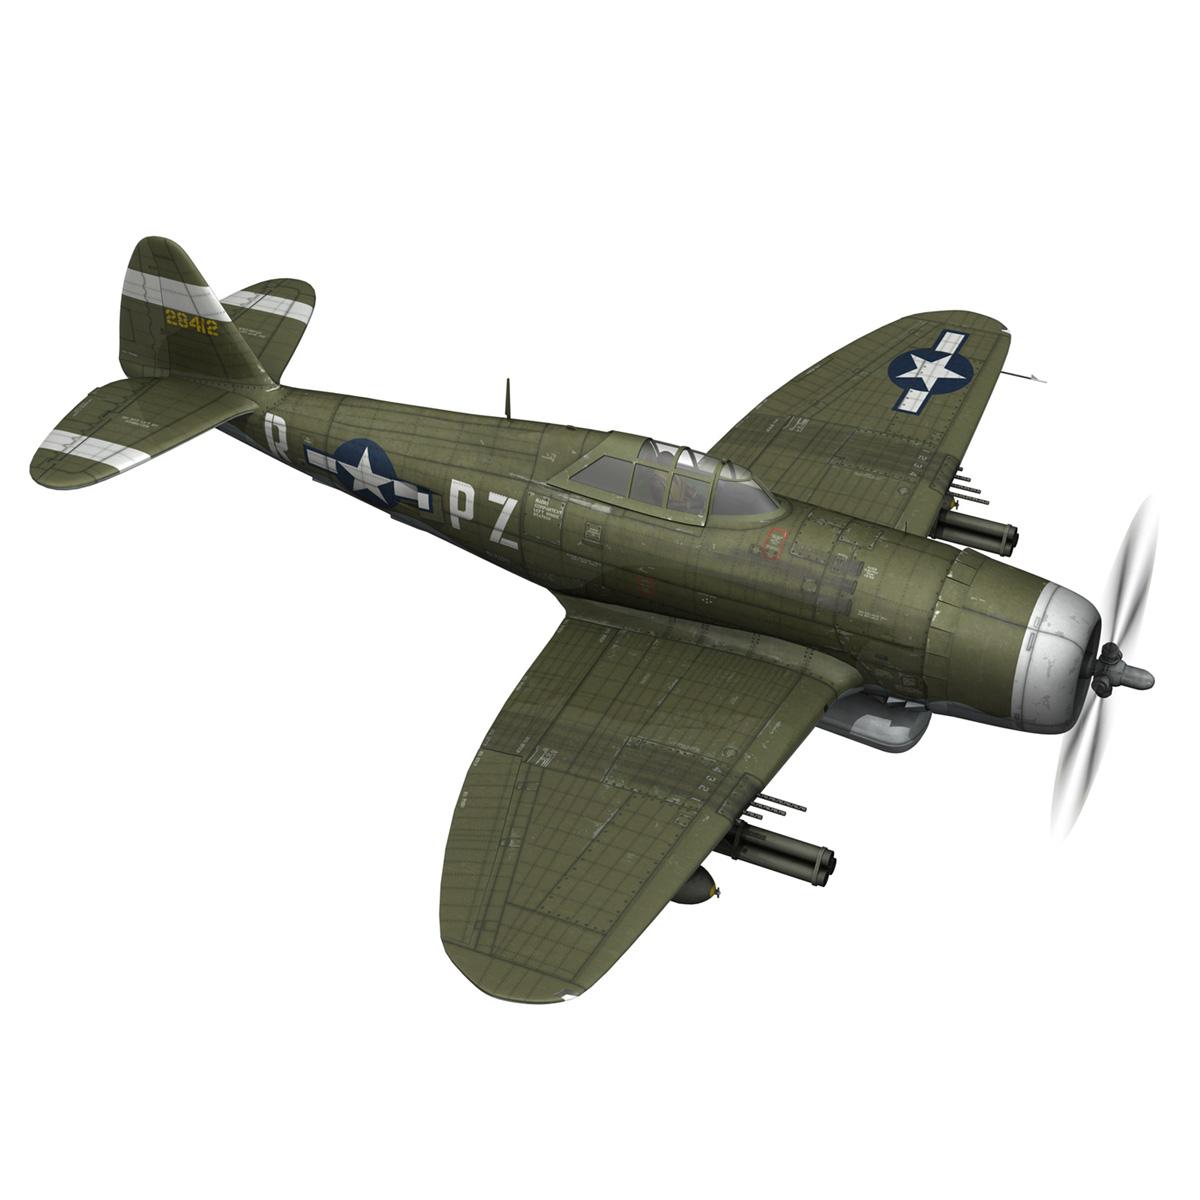 republic p-47d thunderbolt – sweetie – pz-r 3d model 3ds fbx c4d lwo obj 281838